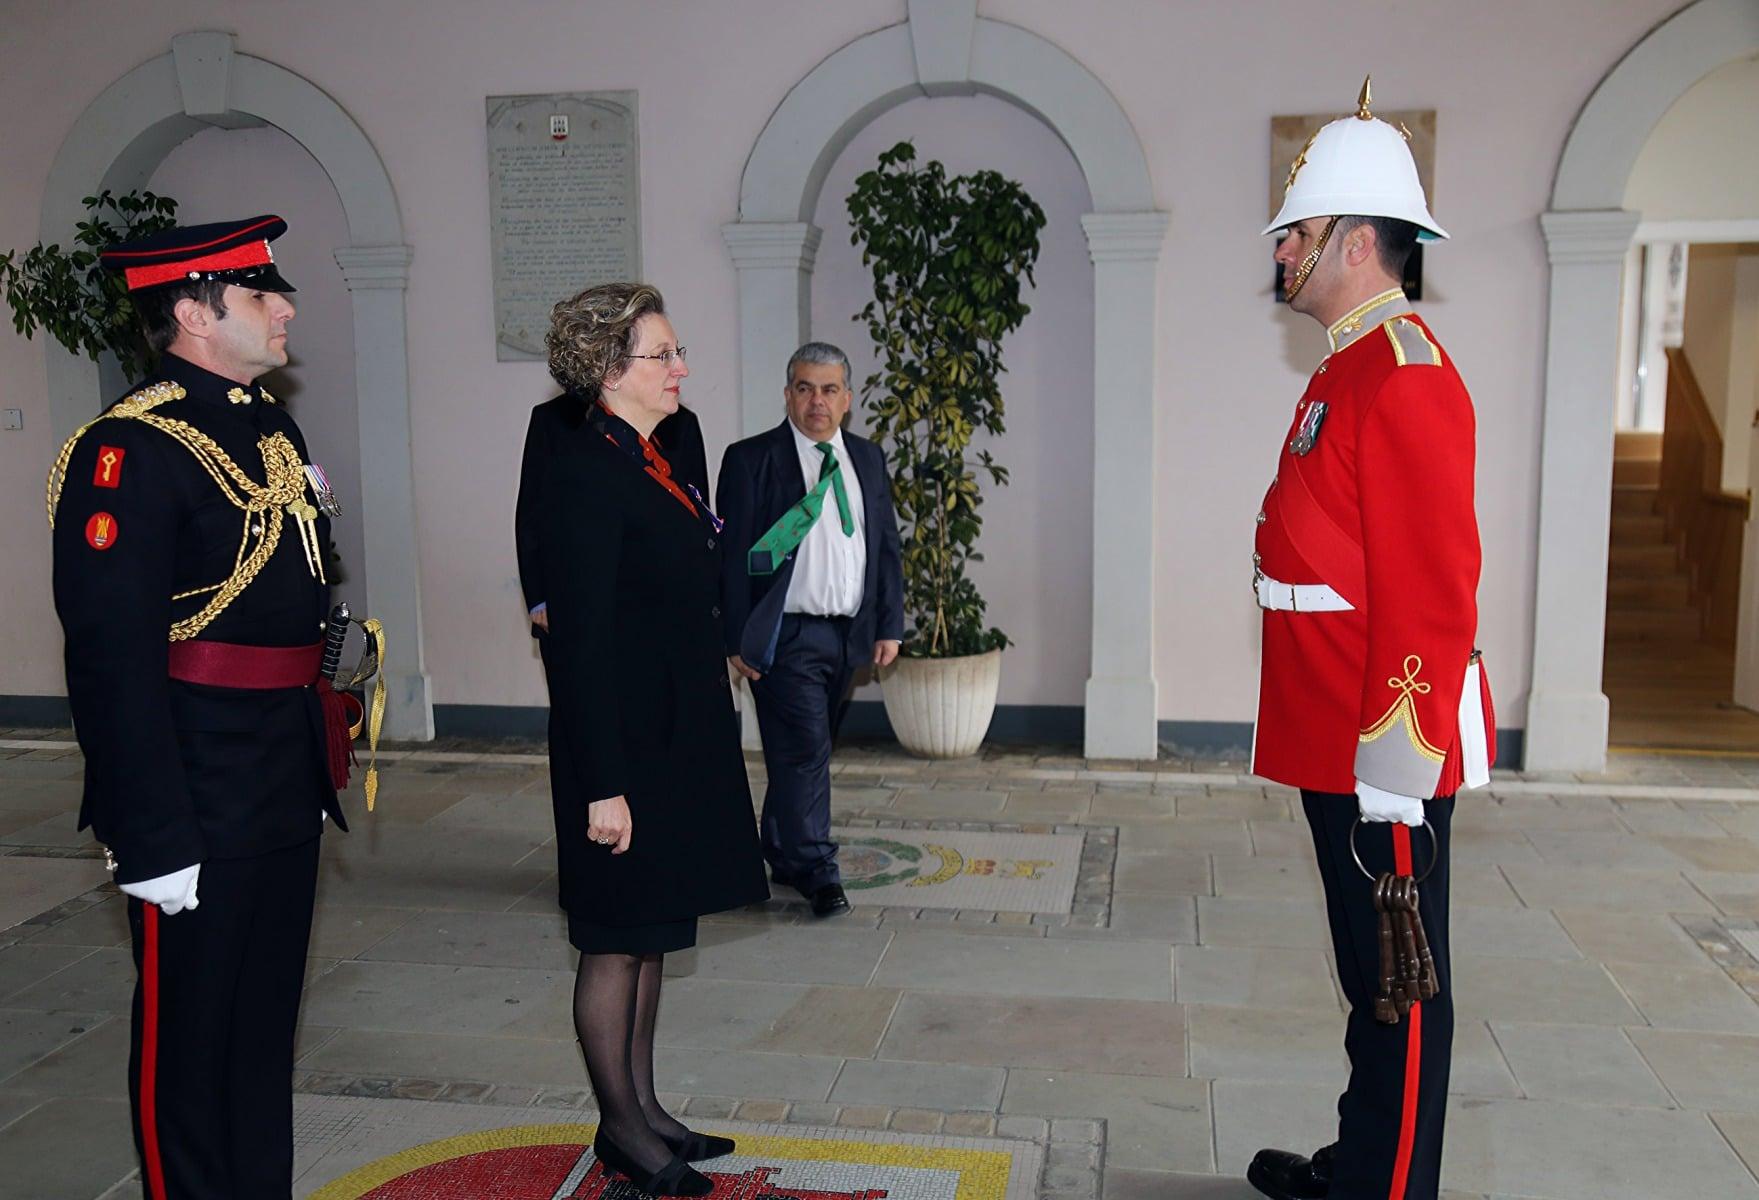 9-de-diciembre-de-2015-ceremonia-inaugural-del-nuevo-parlamento-de-gibraltar_23608024956_o